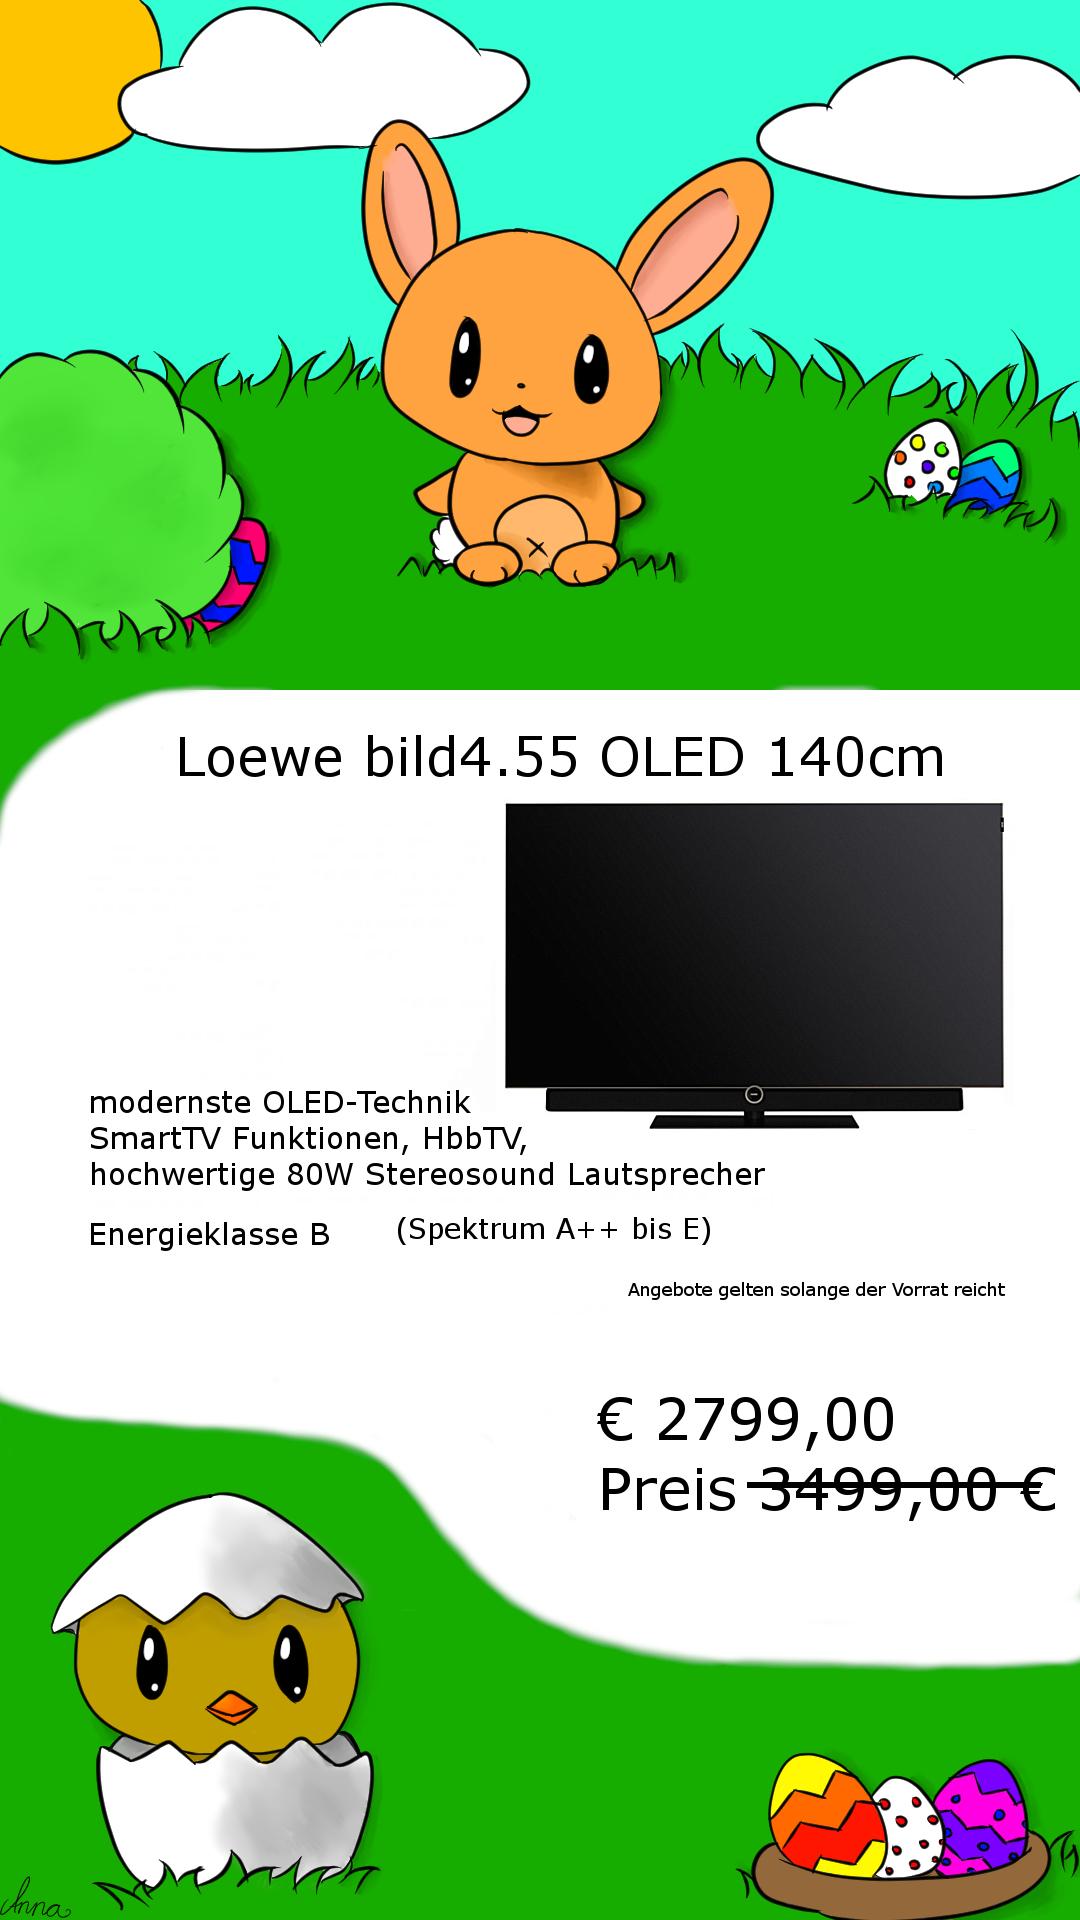 Oster Sale Loewe bild OLED TV zum Hammerpreis günstiger geht es nicht